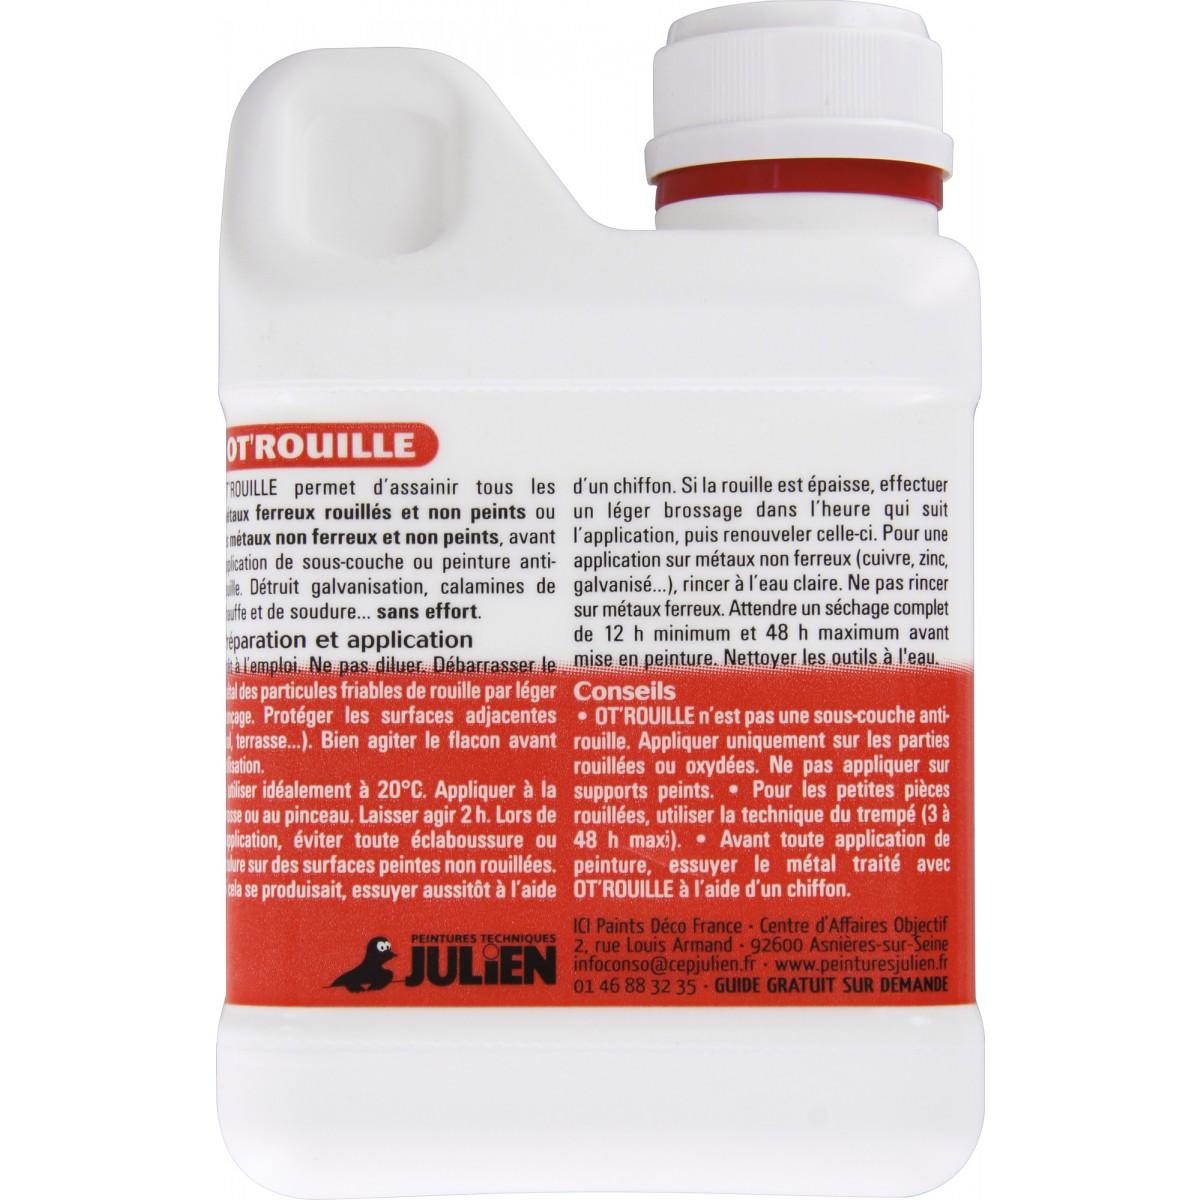 Destructeur de rouille Ot rouille Julien - Bidon 500 ml